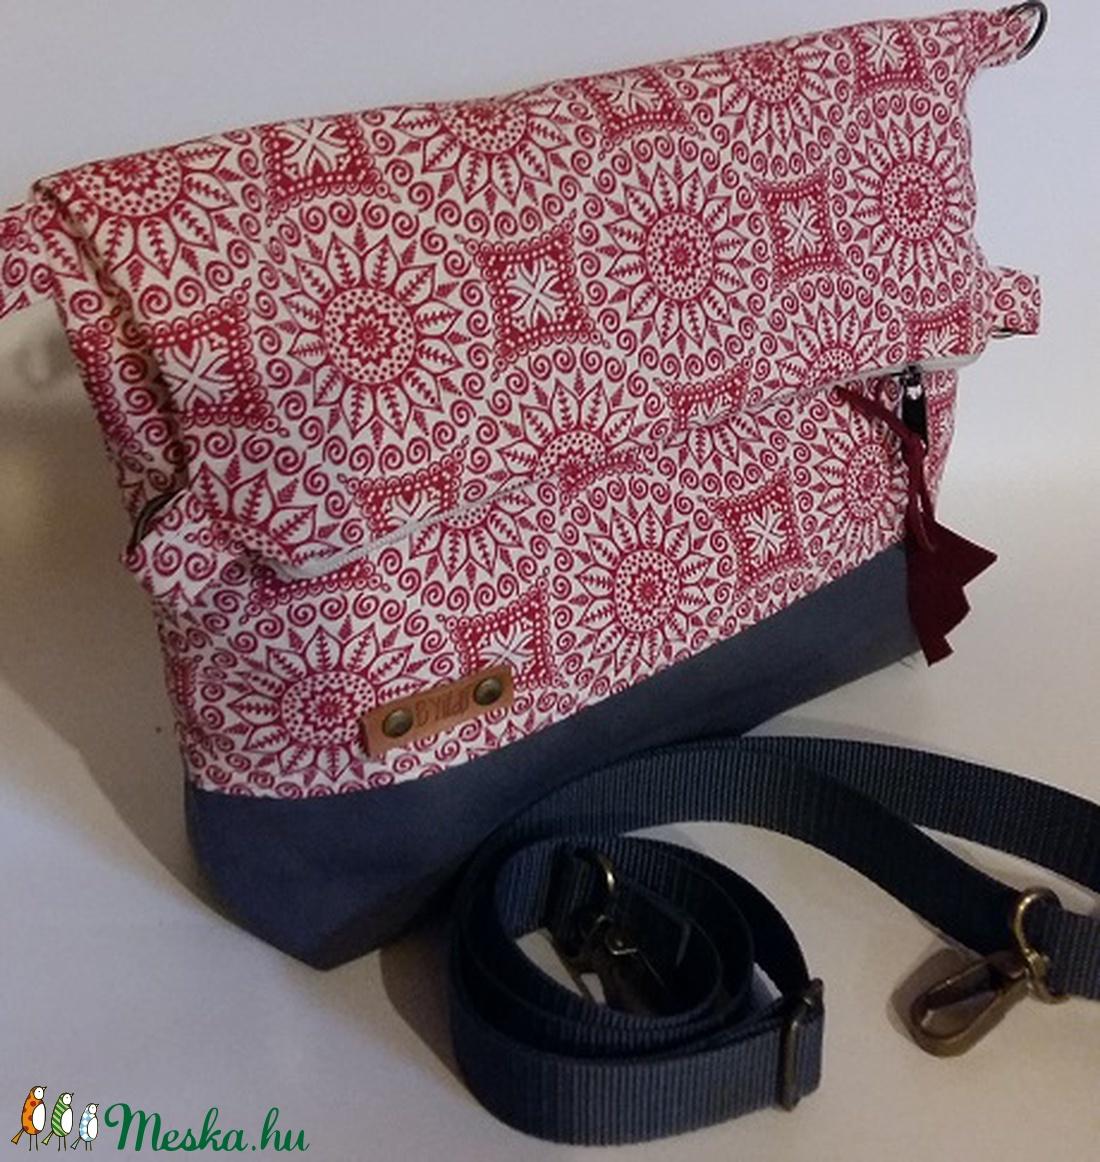 Táska Válltáska ipad táska piros mandala táska női mindennapos táska (BYildi)  - Meska.hu aab3951db3